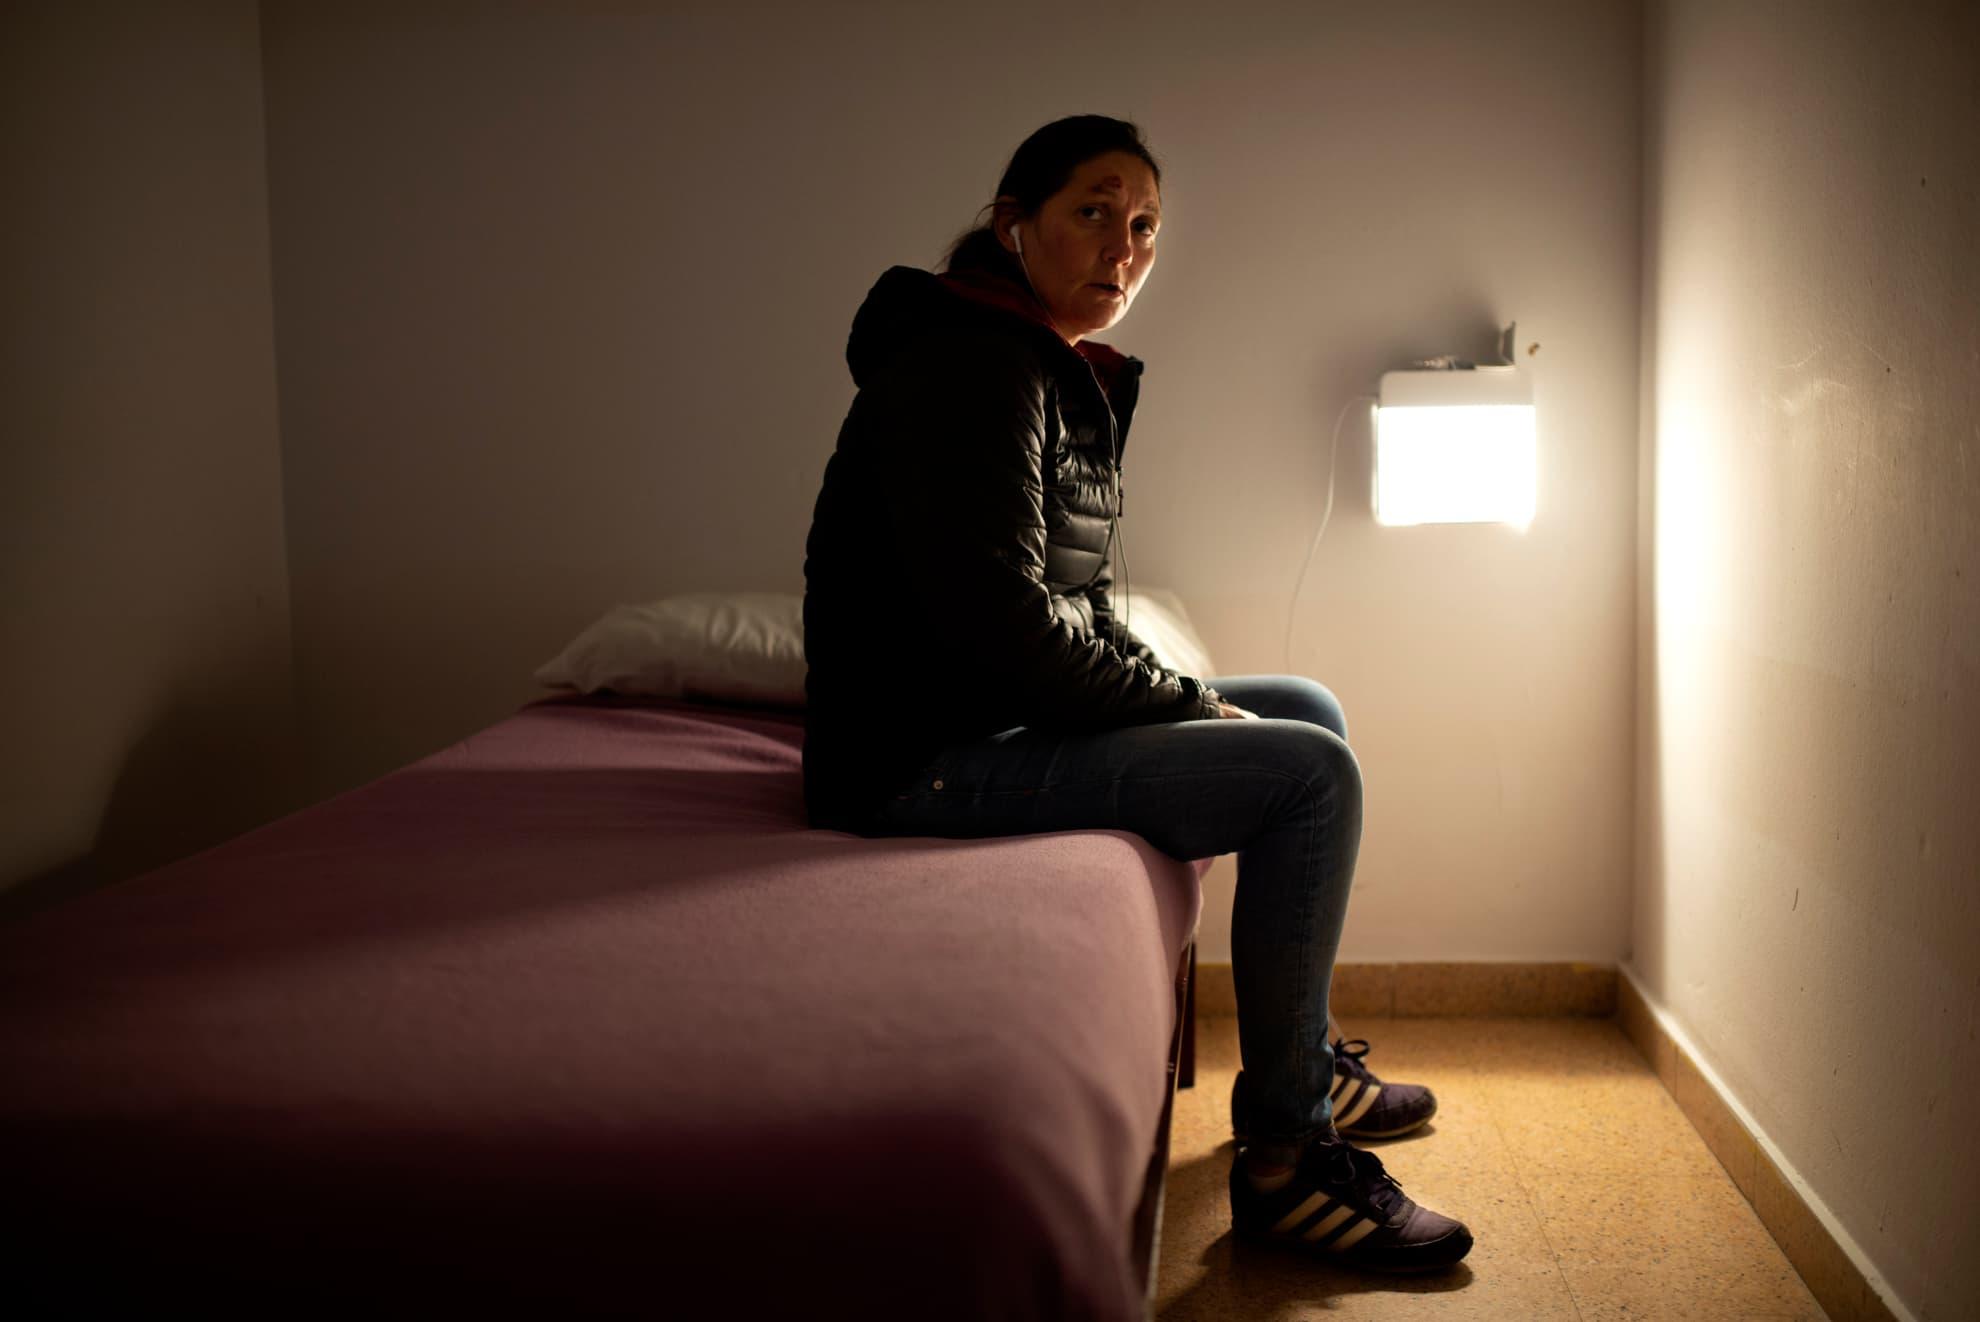 Yolanda se aloja en el Albergue municipal de transeúntes de Zaragoza. Su sencilla habitación y las salidas a un pequeño patio son el escenario de sus días en confinamiento sin poder salir a la calle.